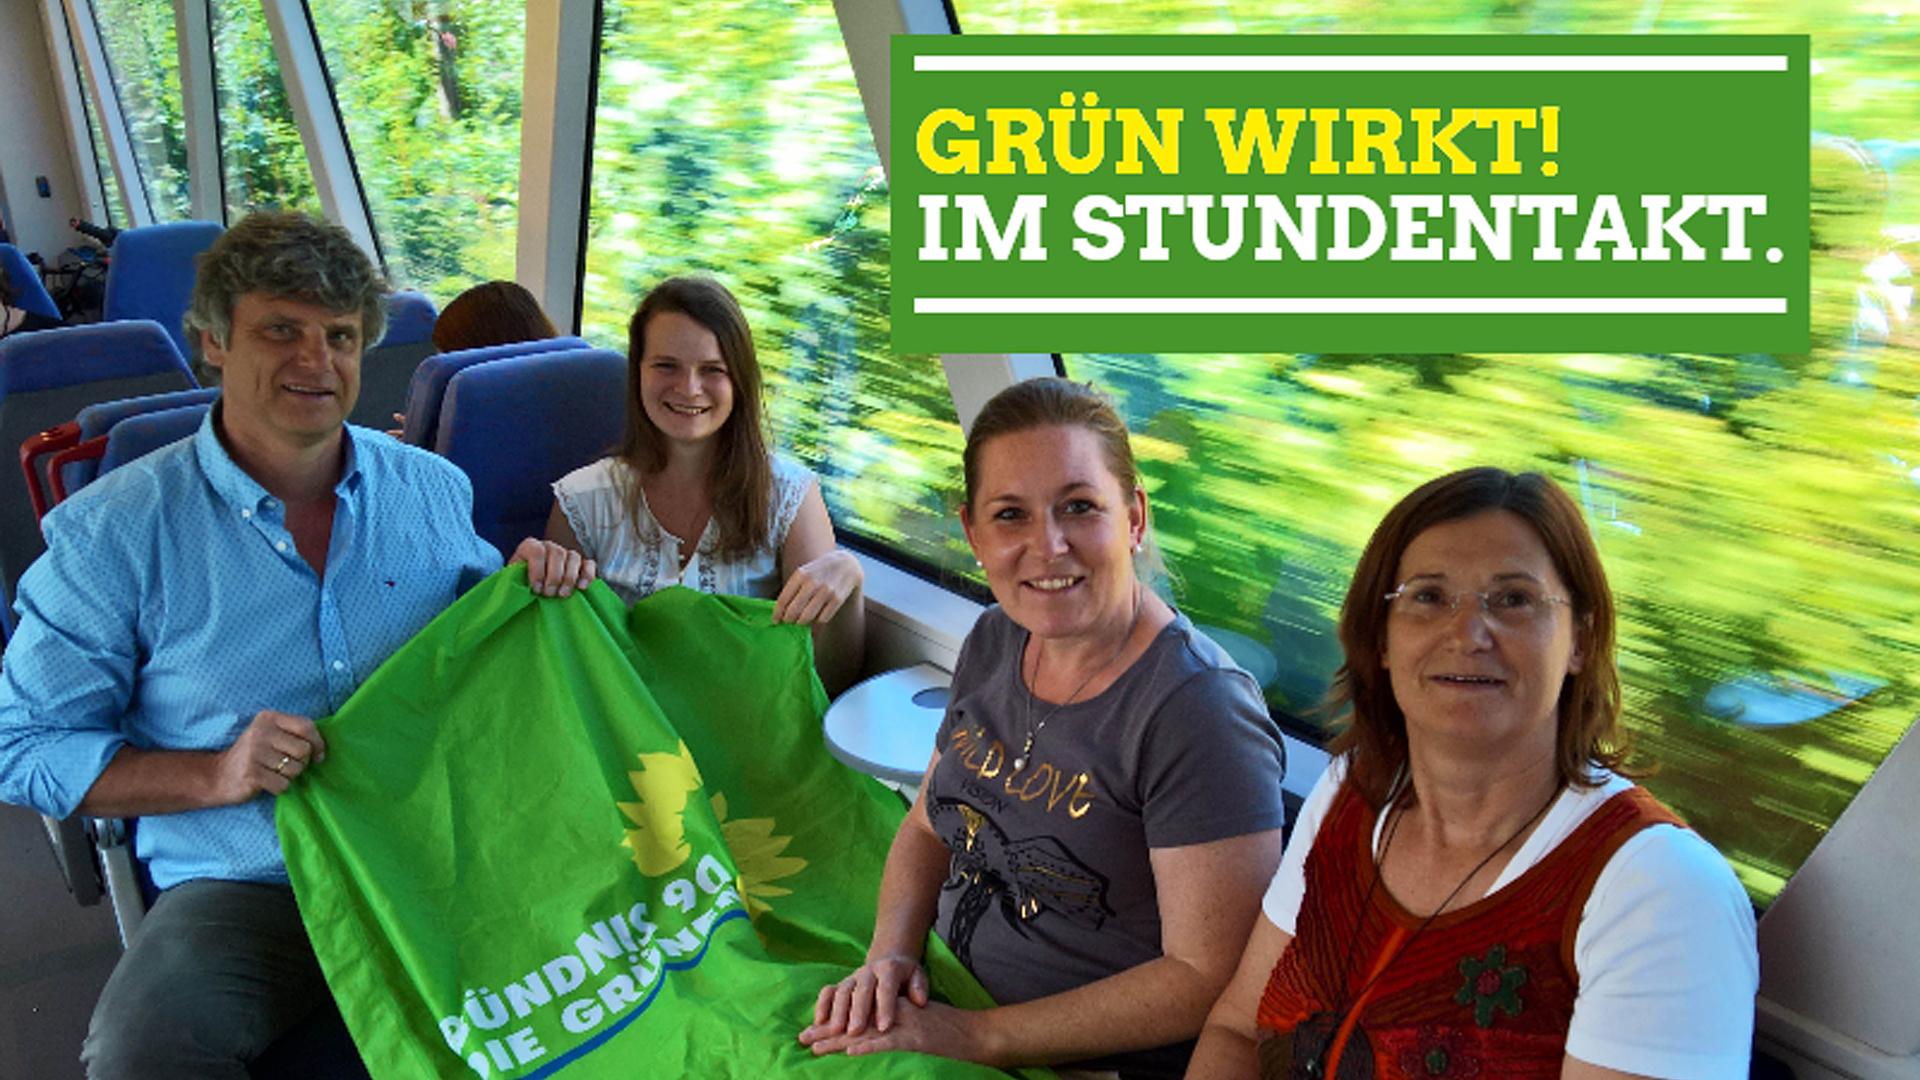 Grün wirkt! Stundentakt in Südthüringen bleibt erhalten.